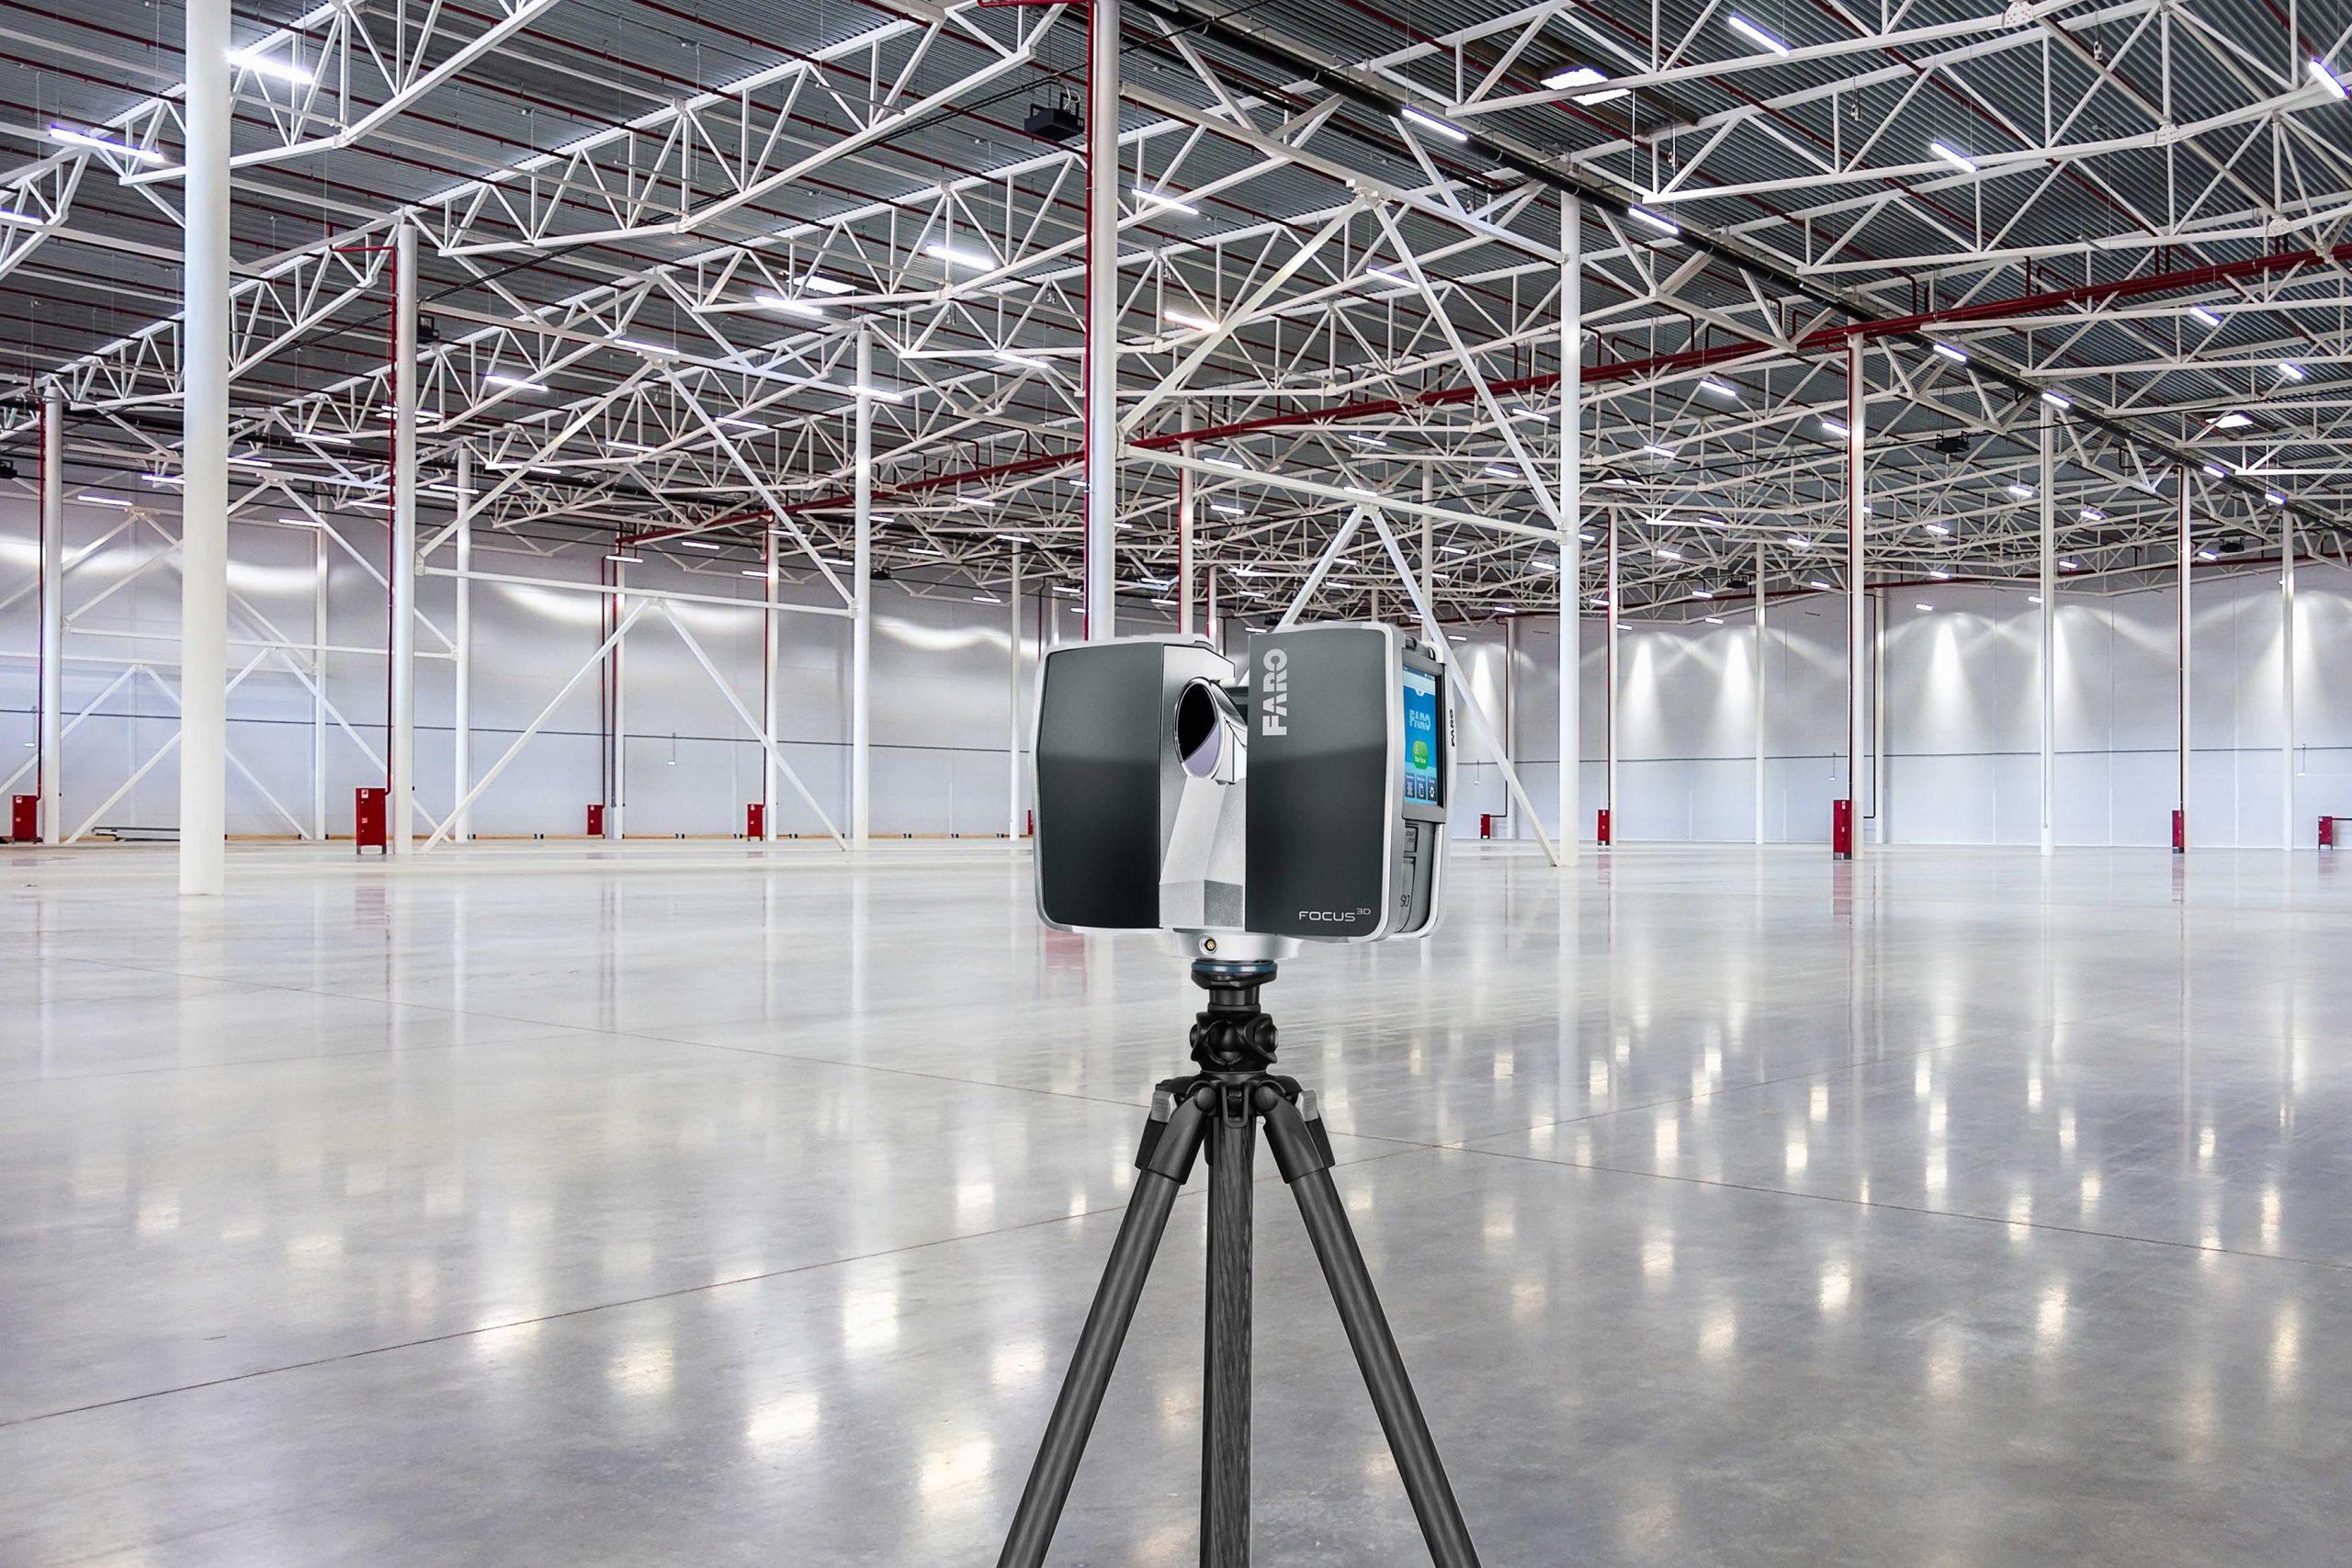 Laserscanner vermitteln den Planern die Grenzen des verfügbaren Hallenbaus. (Bild: ©petinovs/istockphoto.com)